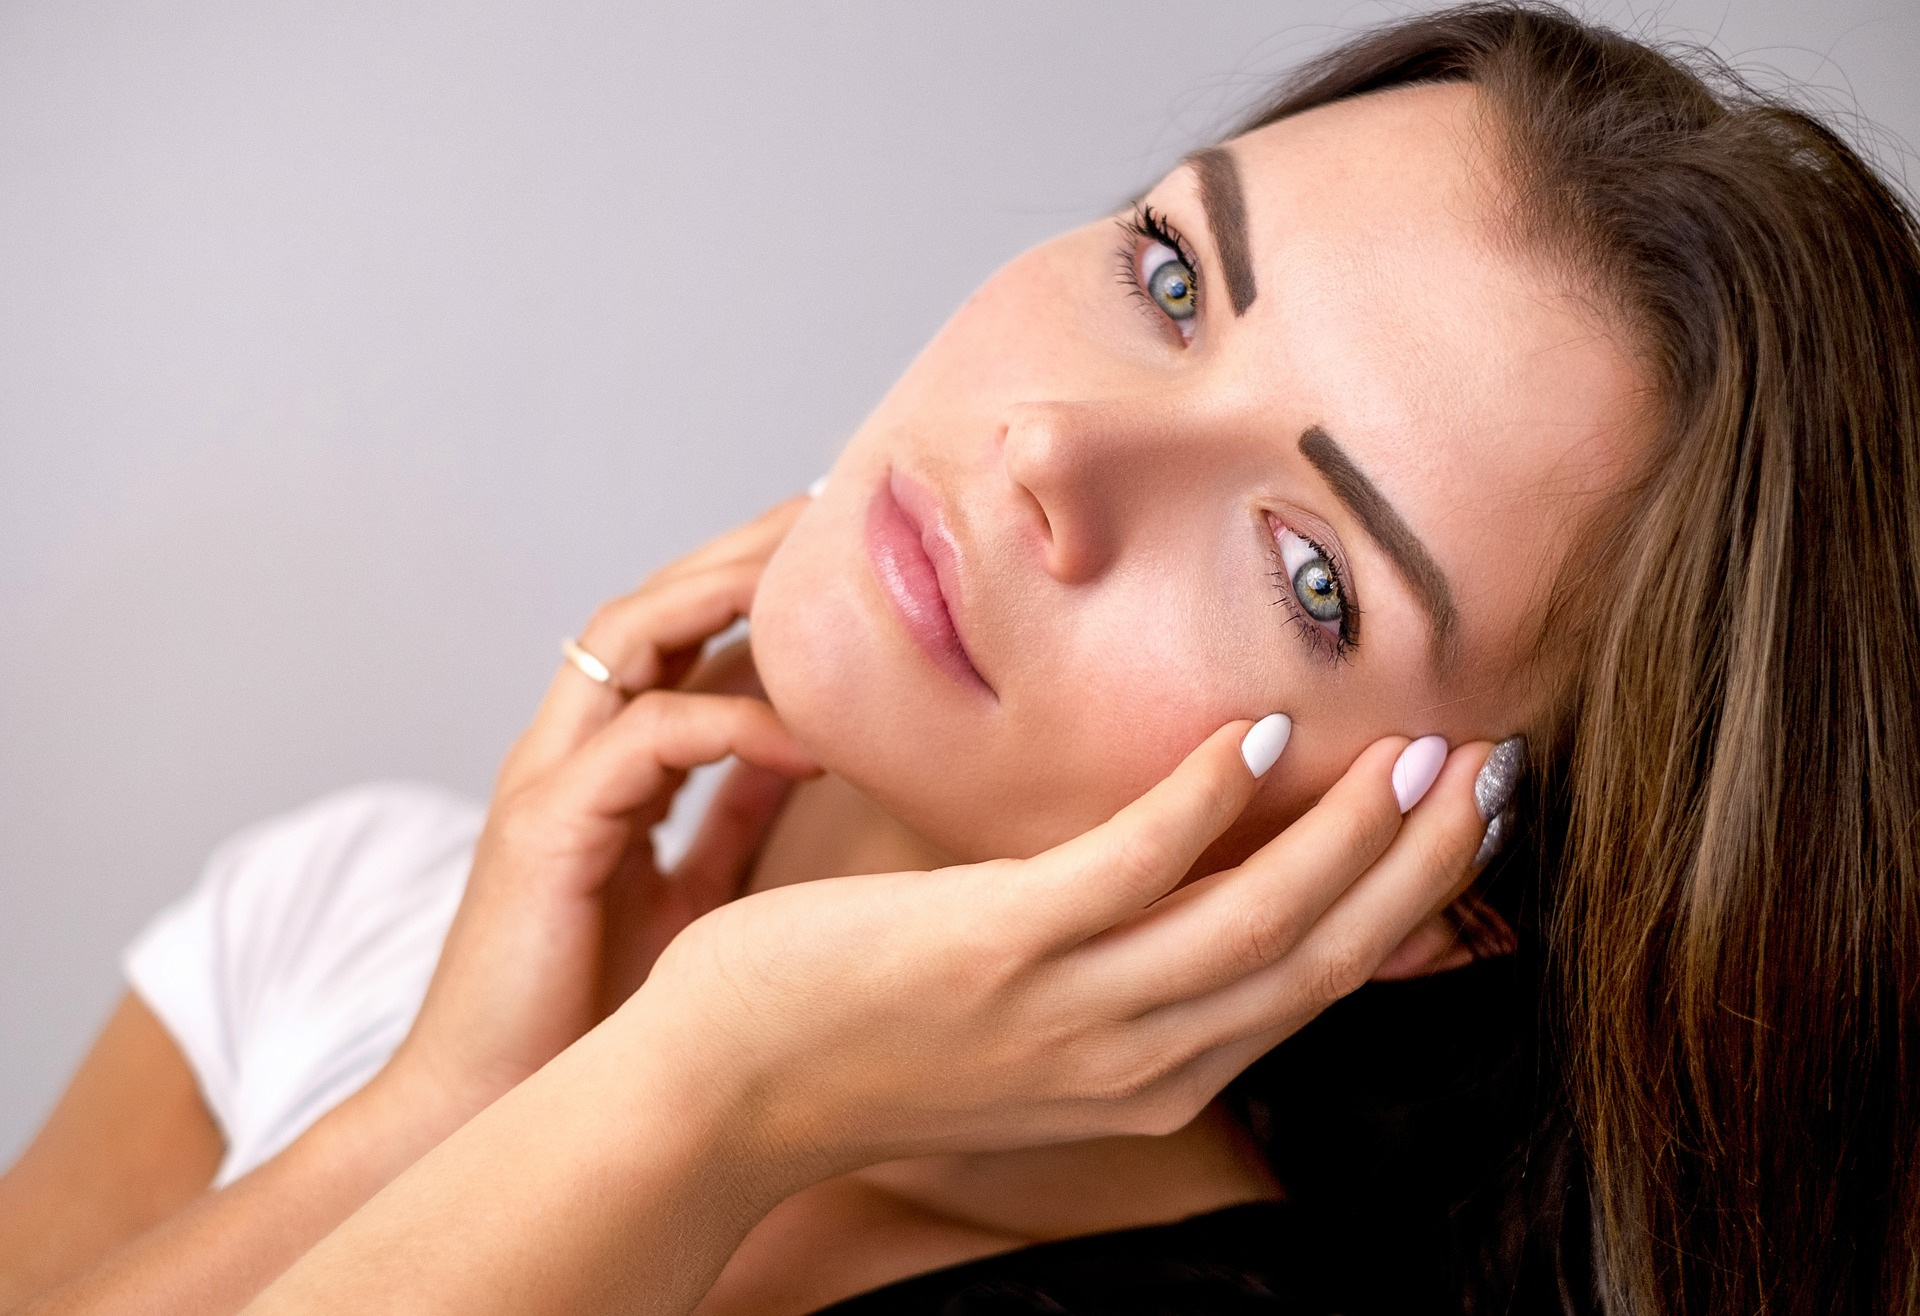 מיצוק העור – אילו טיפולים מומלצים